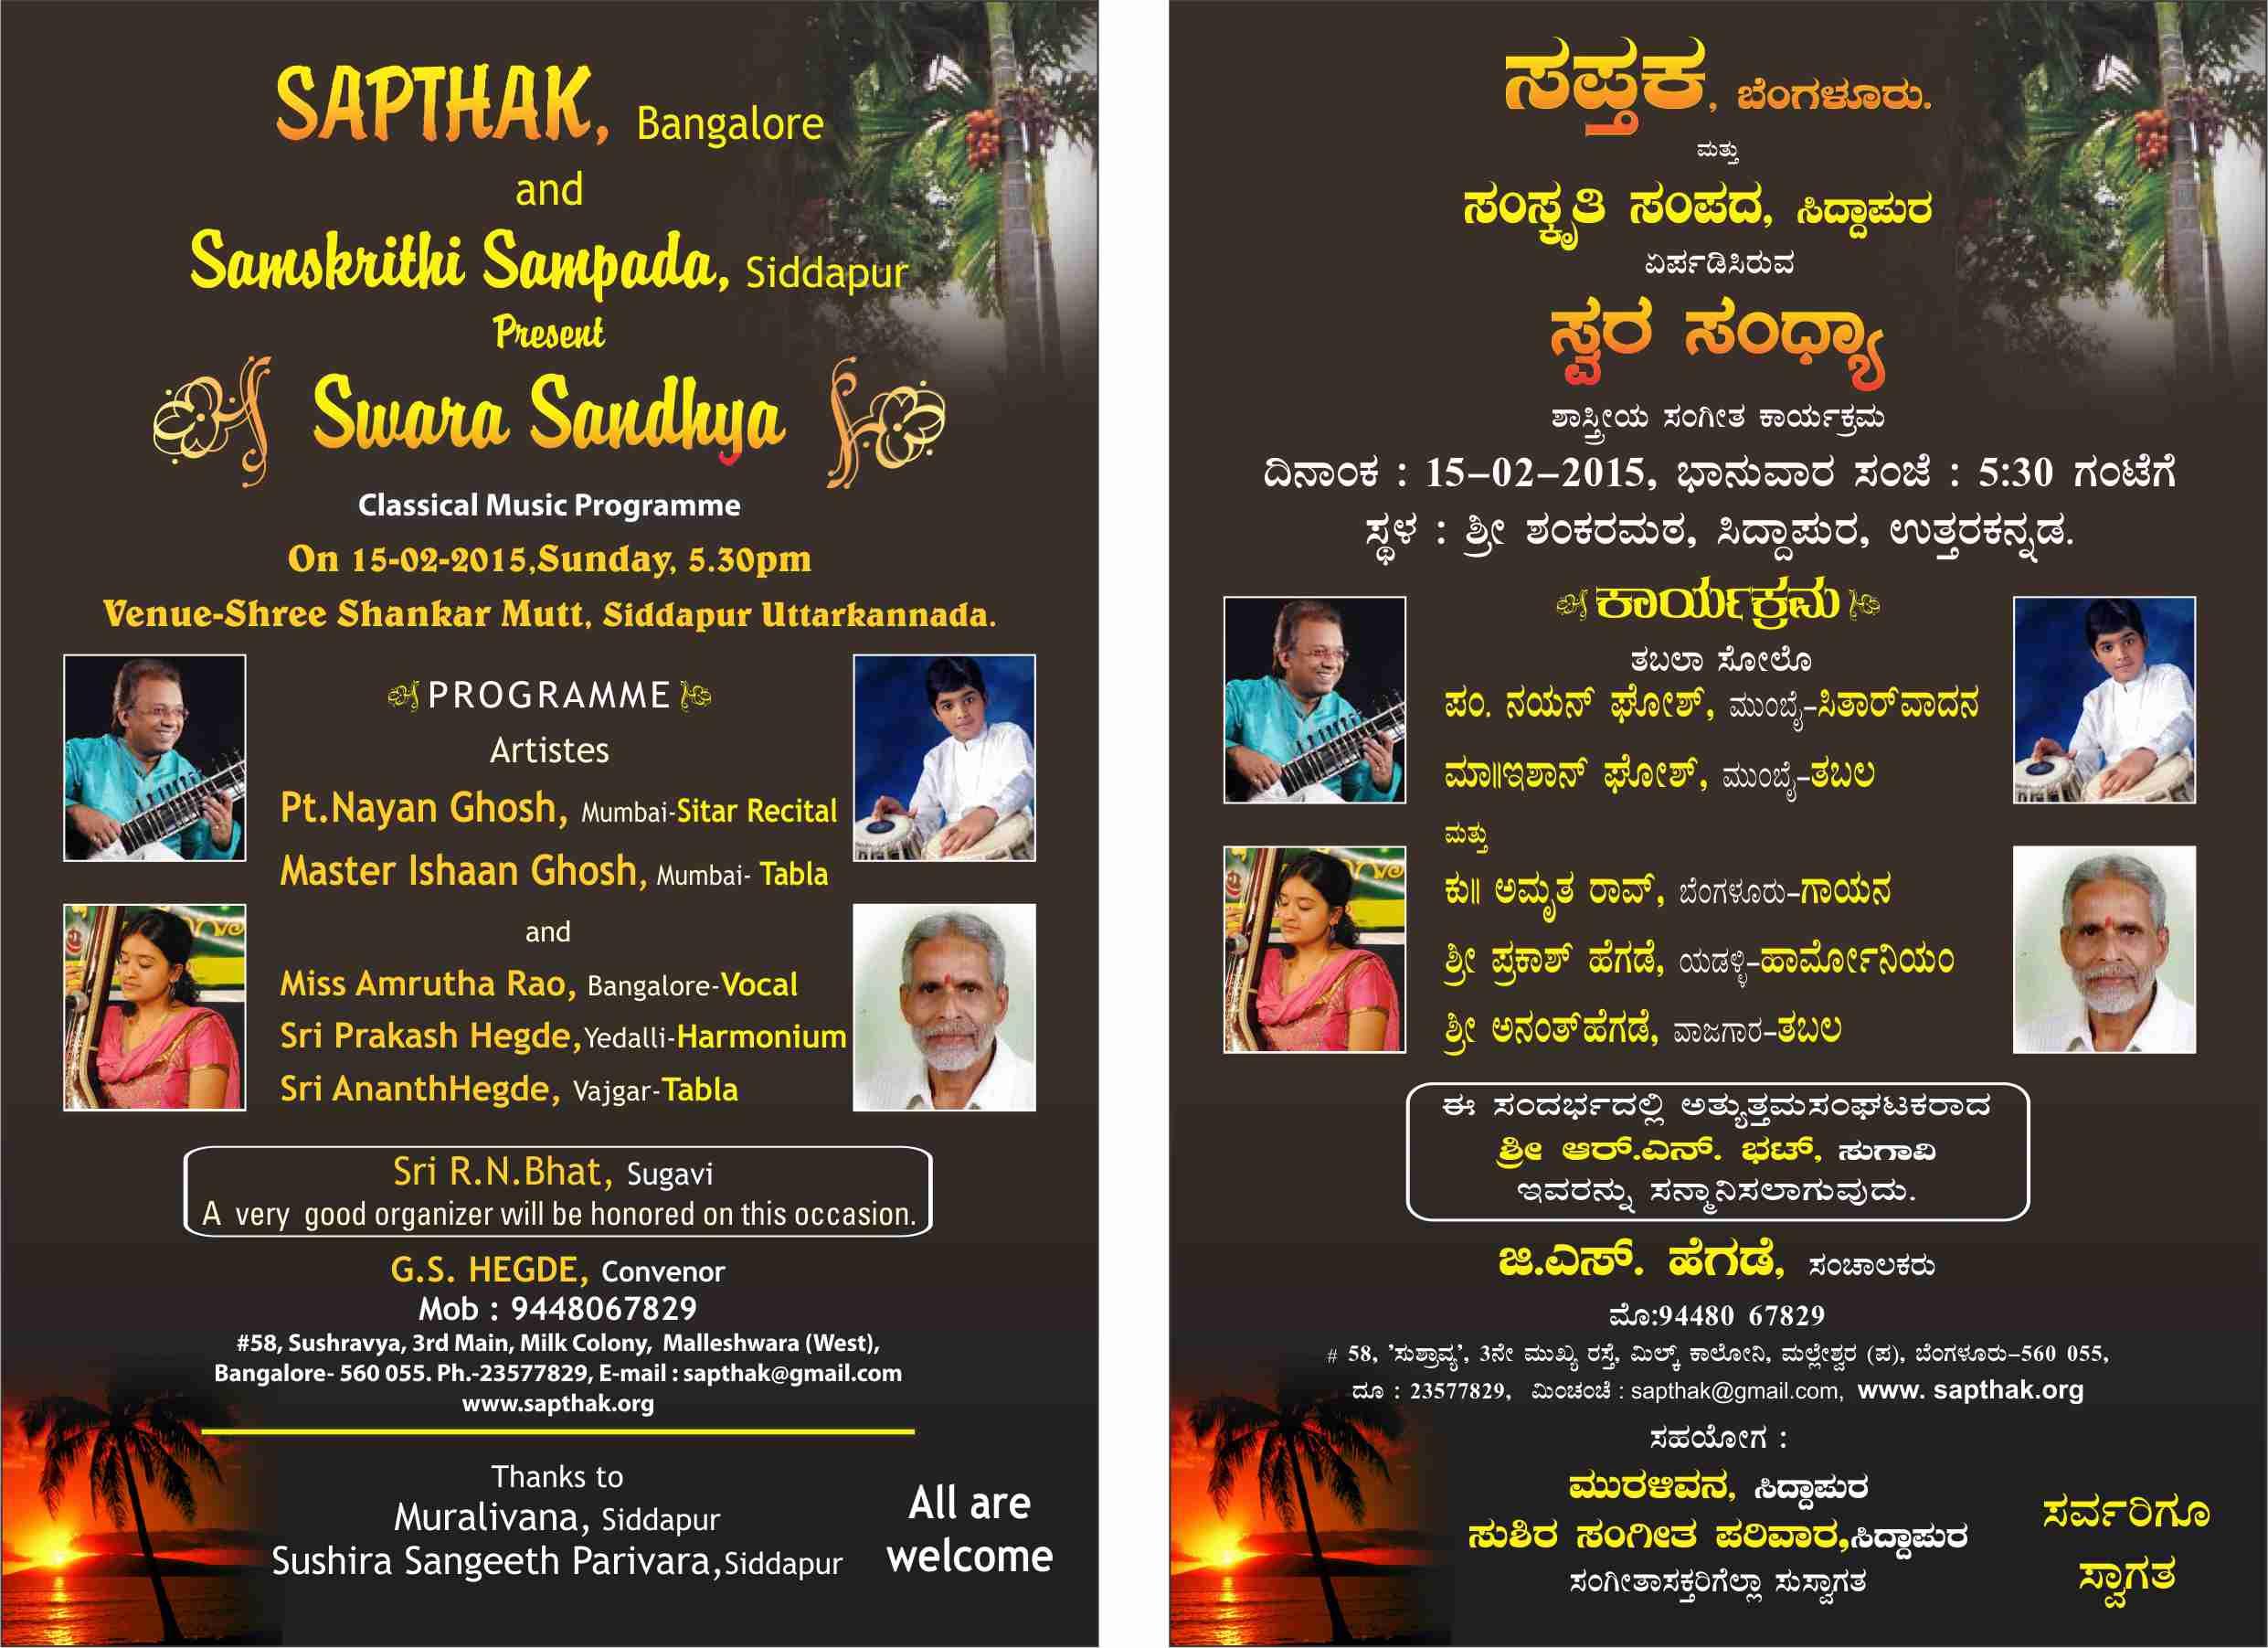 kannada invitation Siddapur.jpg